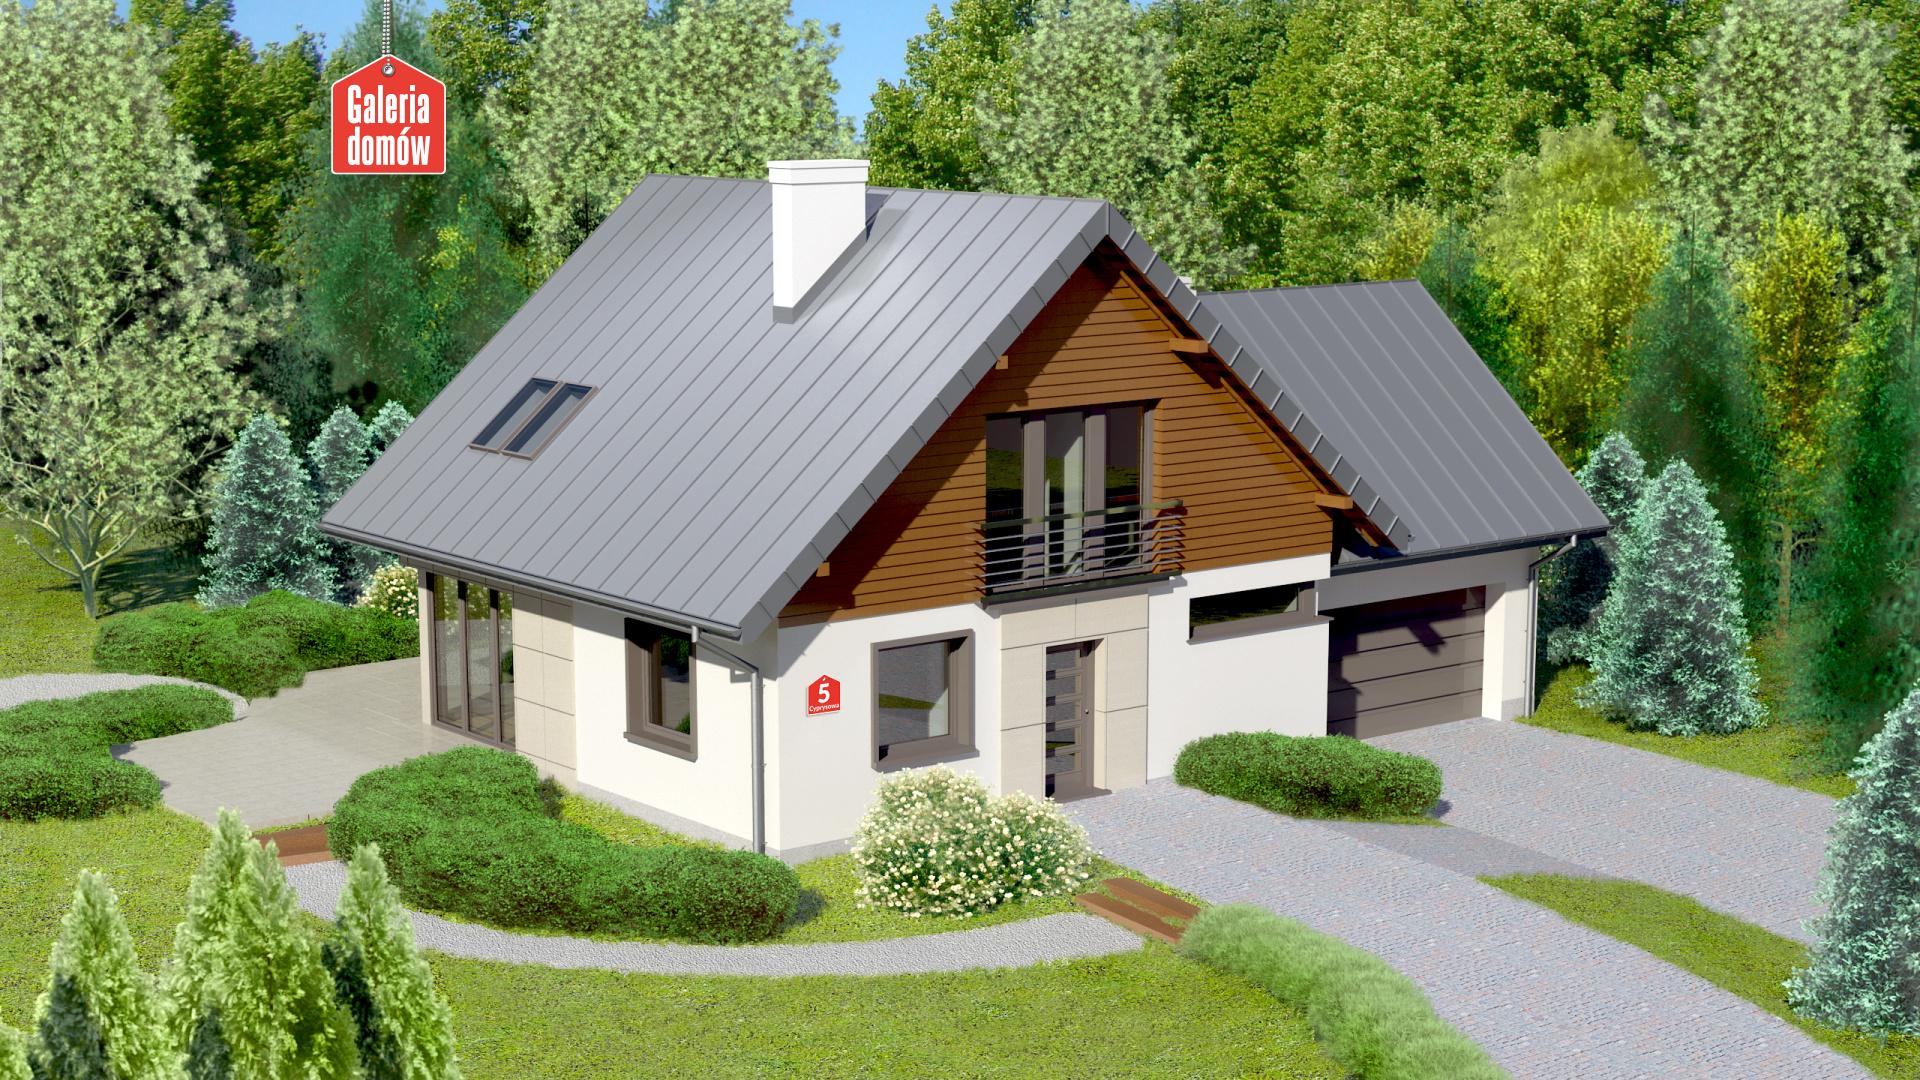 Dom przy Cyprysowej 5 - zdjęcie projektu i wizualizacja